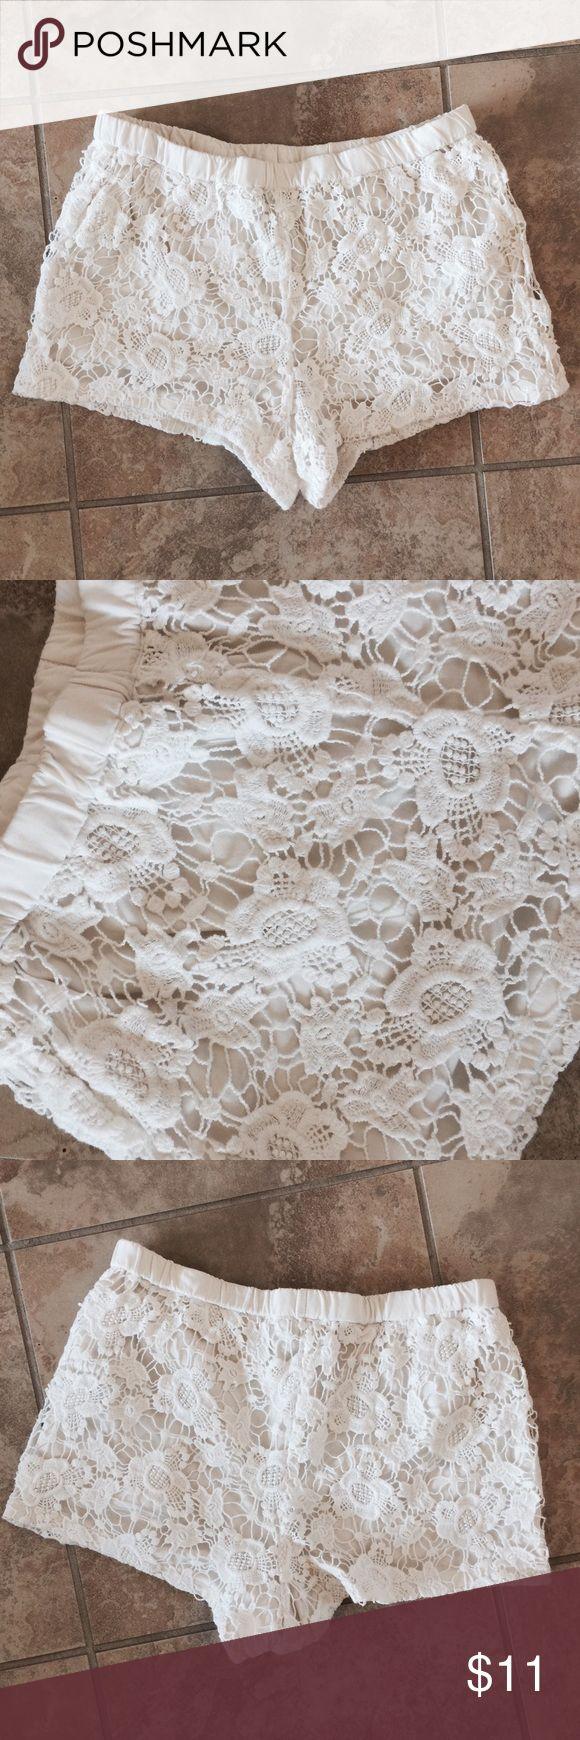 WHITE lace shorts Elastic waist, white lace shorts Shorts